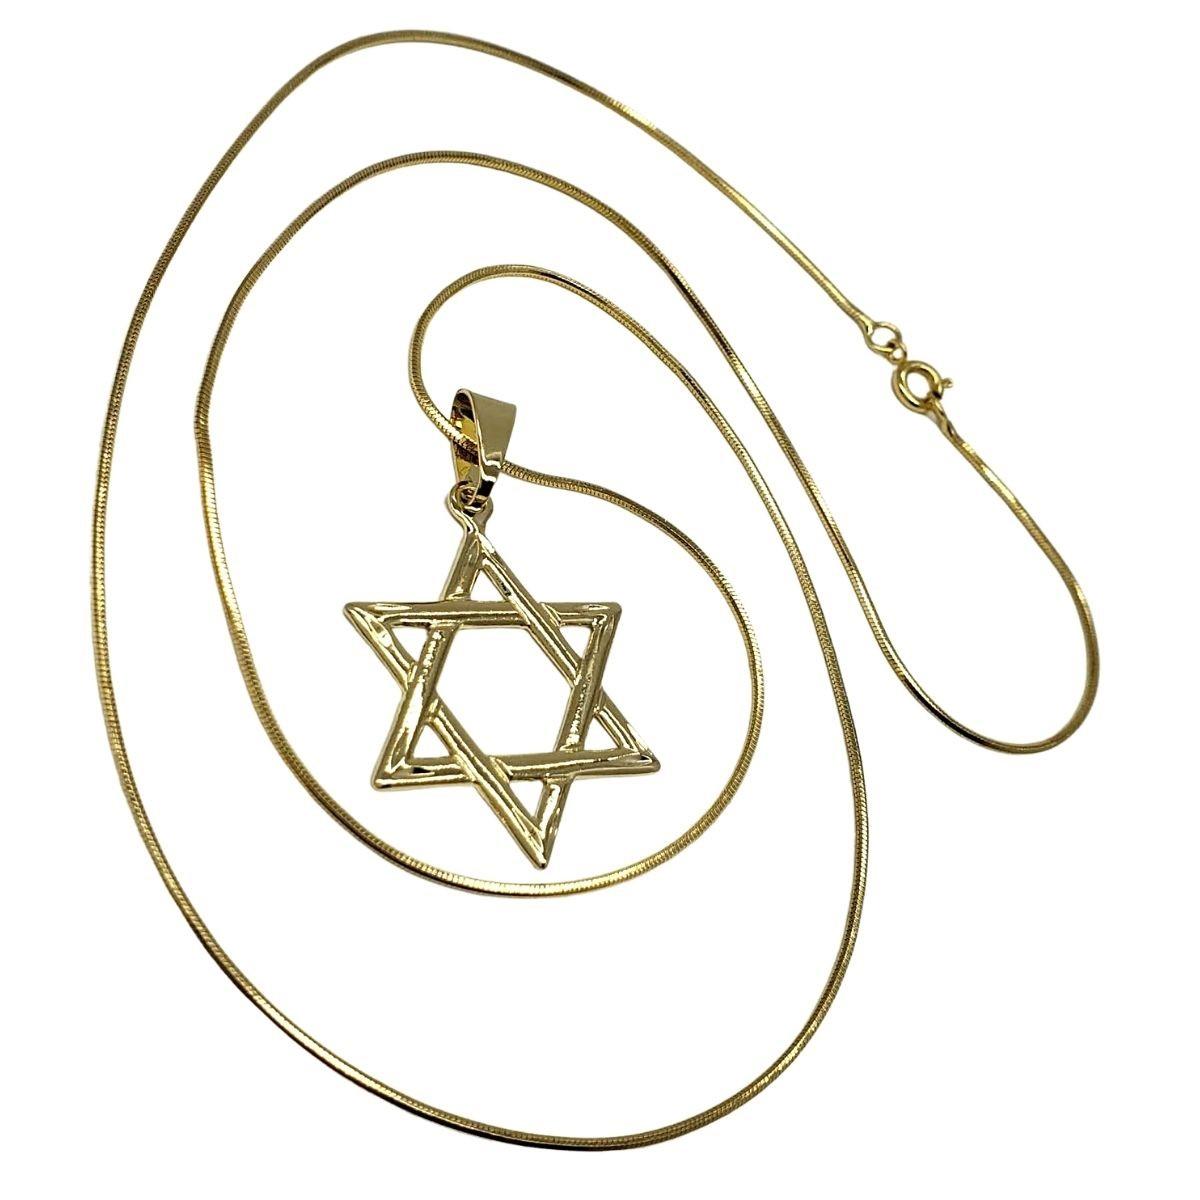 Cordão Estrela de David Diamantada Banho De Ouro 18k 4759A